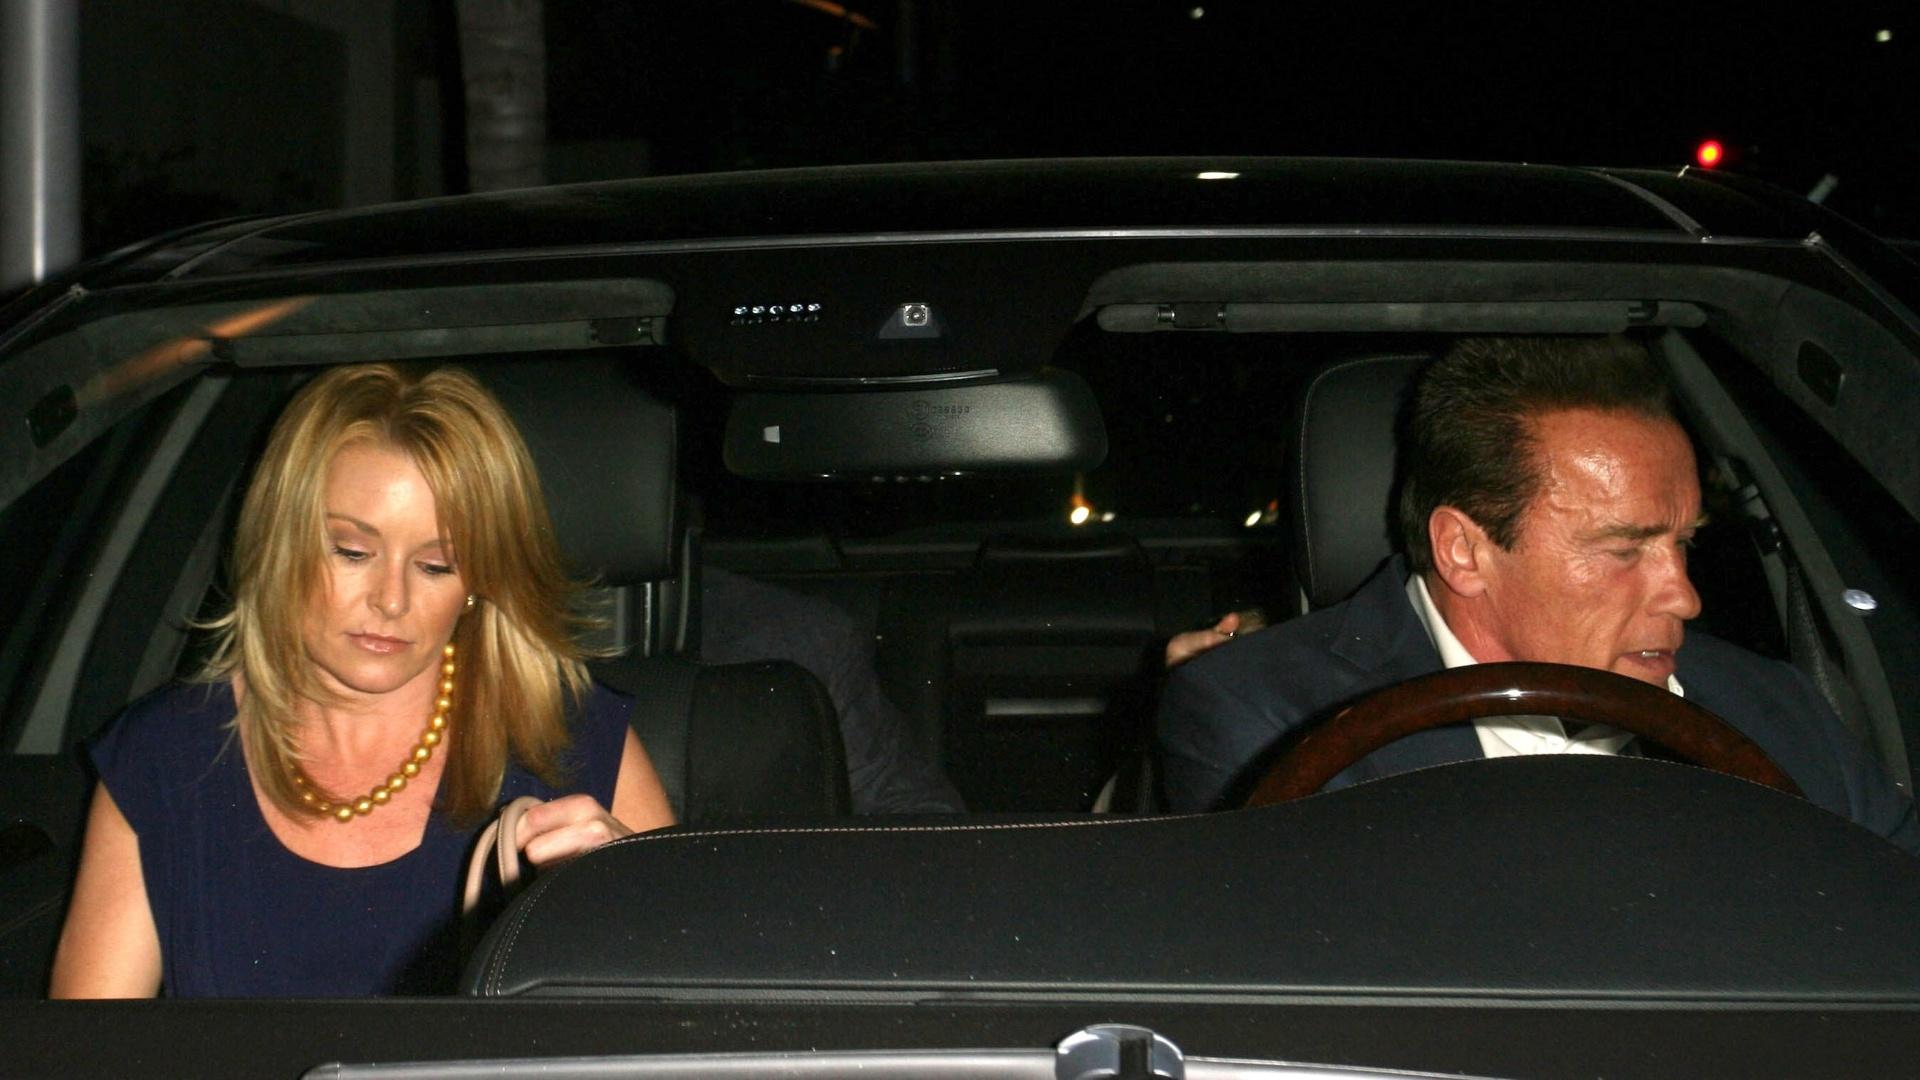 20.abr.2013 - Ator Arnold Schwarzenegger sai para jantar com a namorada Heather Milligan em Beverly Hills